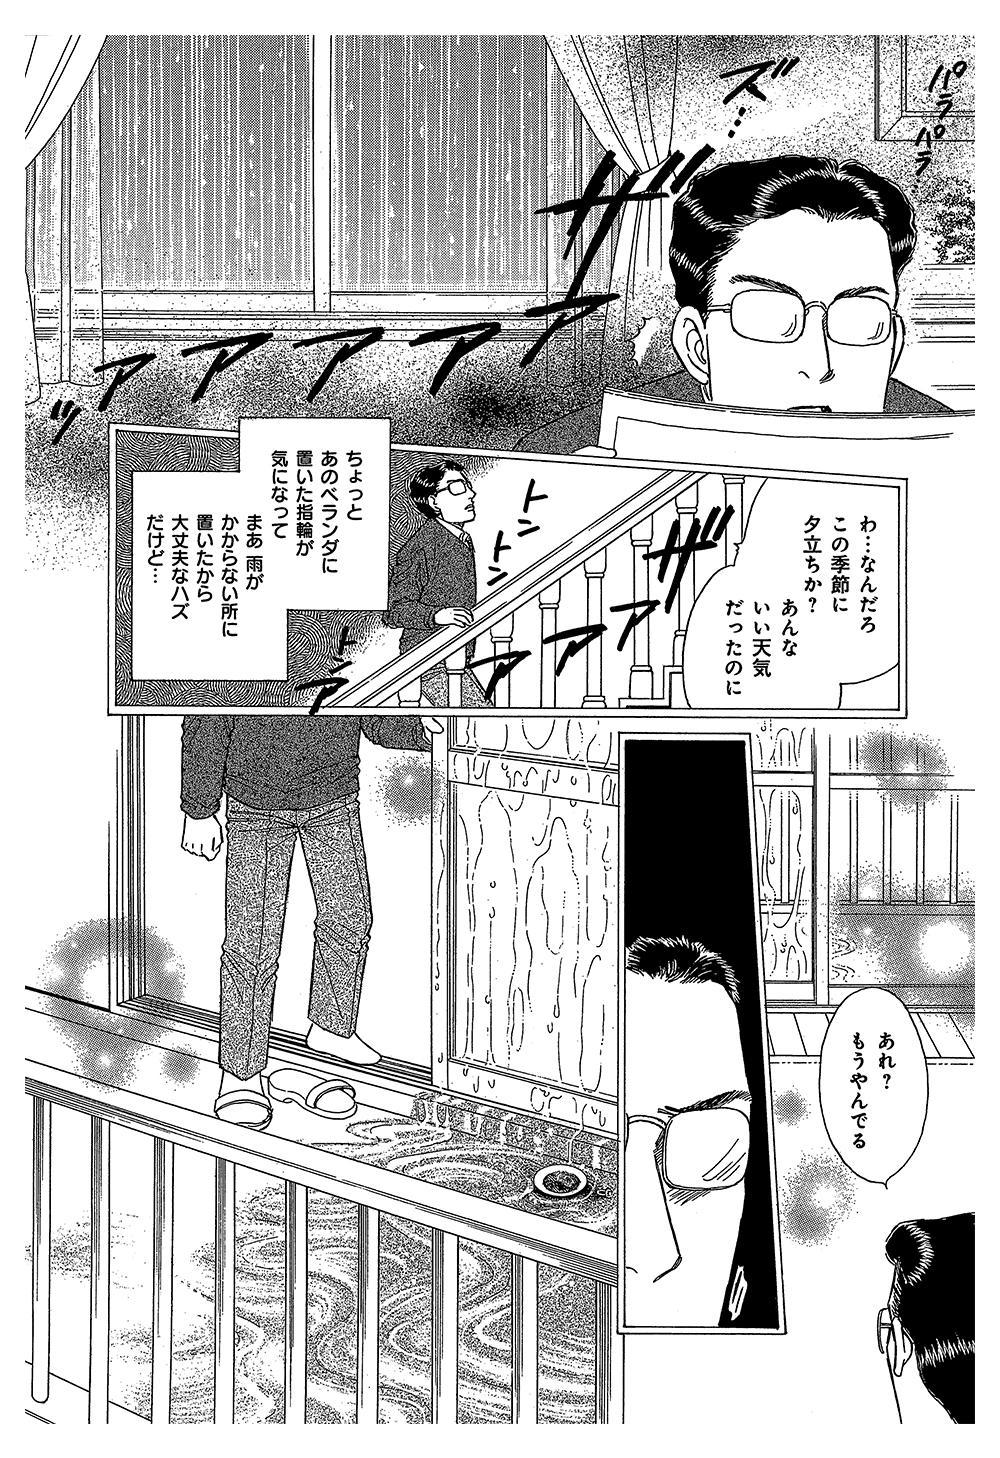 オカルト万華鏡 第1話 ②oka12.jpg